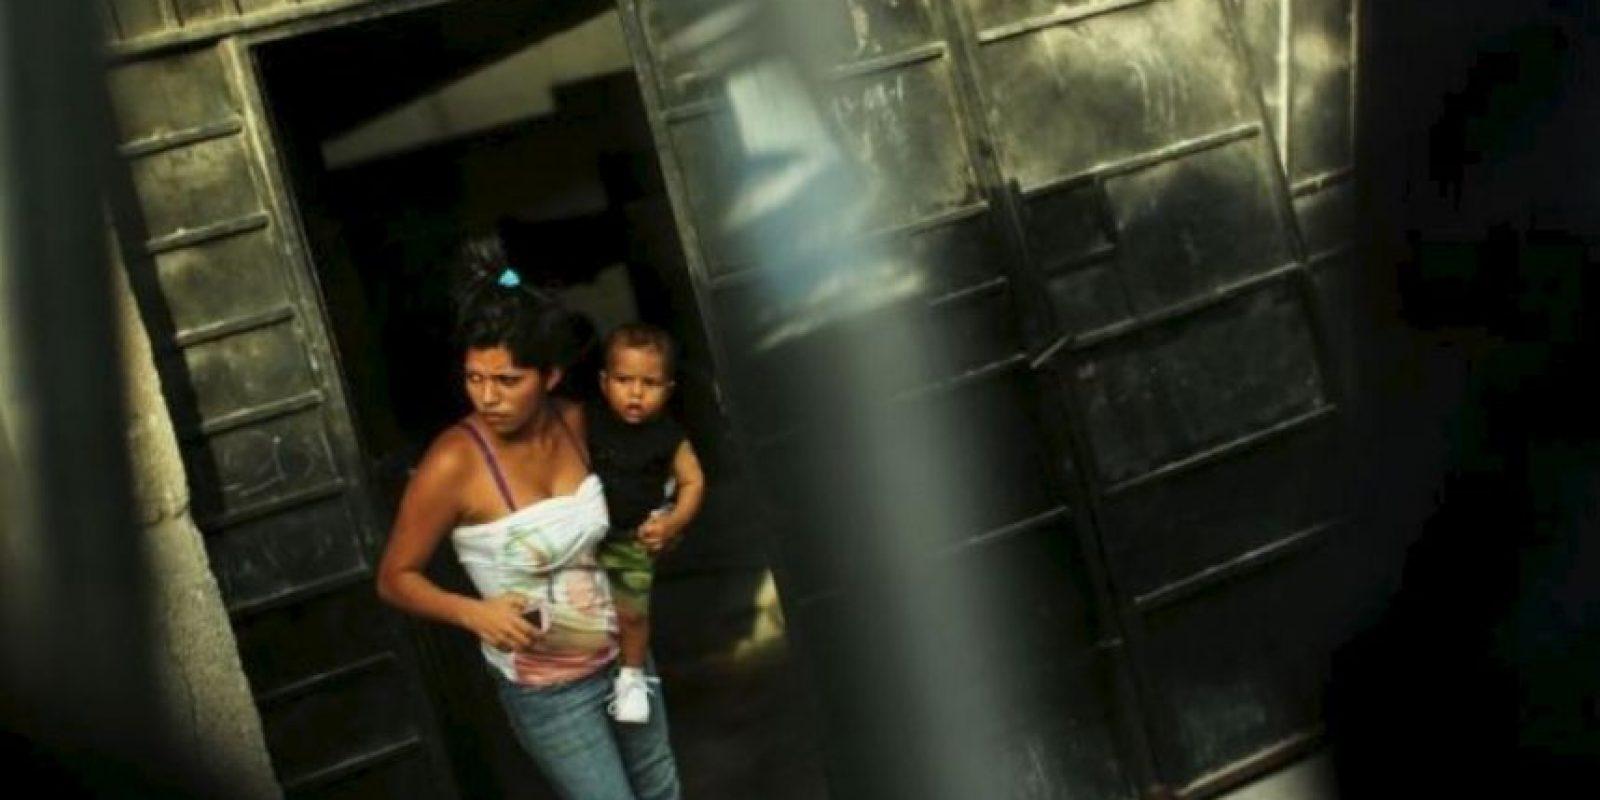 Las niñas que contraen matrimonio antes de cumplir los 18 tienen menos probabilidades de terminar su educación y más de sufrir violencia doméstica y complicaciones en el parto. Foto:Getty Images